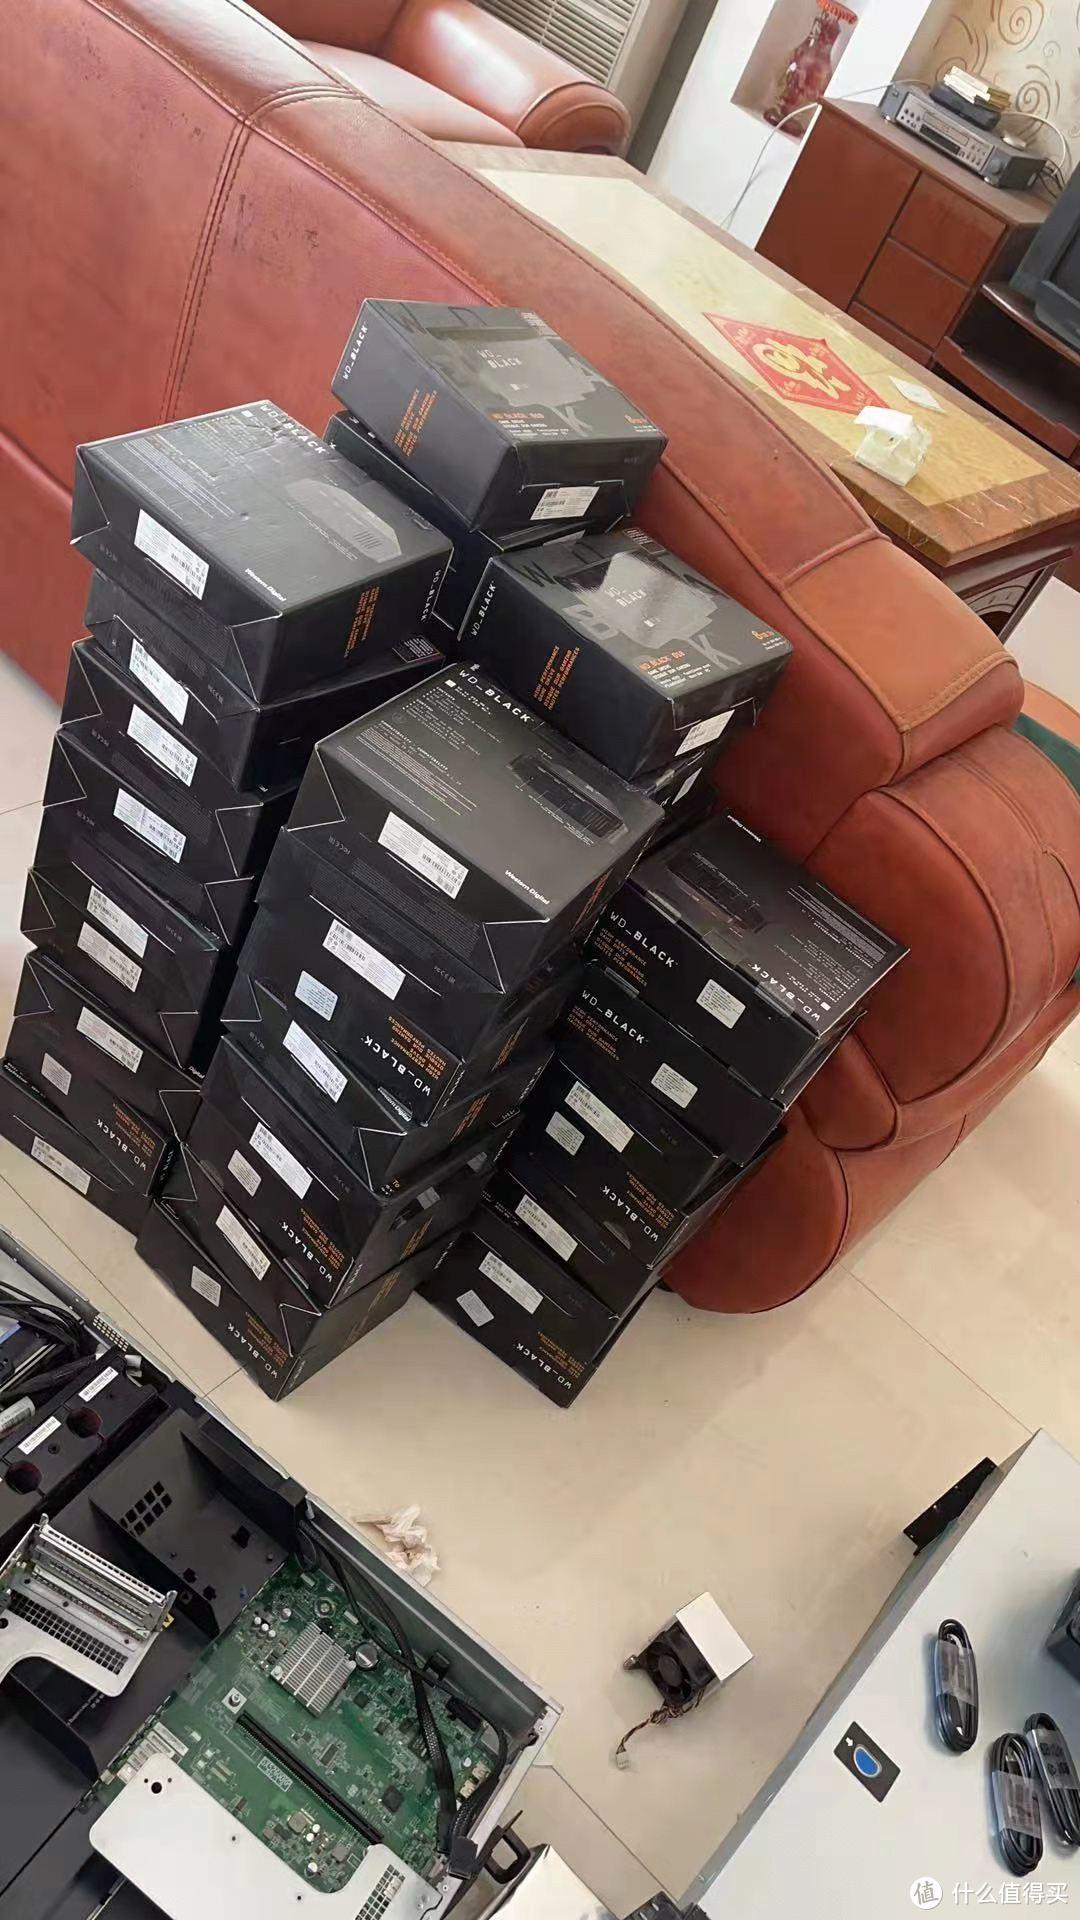 抄作业!实拍硬盘大户们从亚马逊都批量采购些啥?海淘值得买的固态硬盘清单送上!